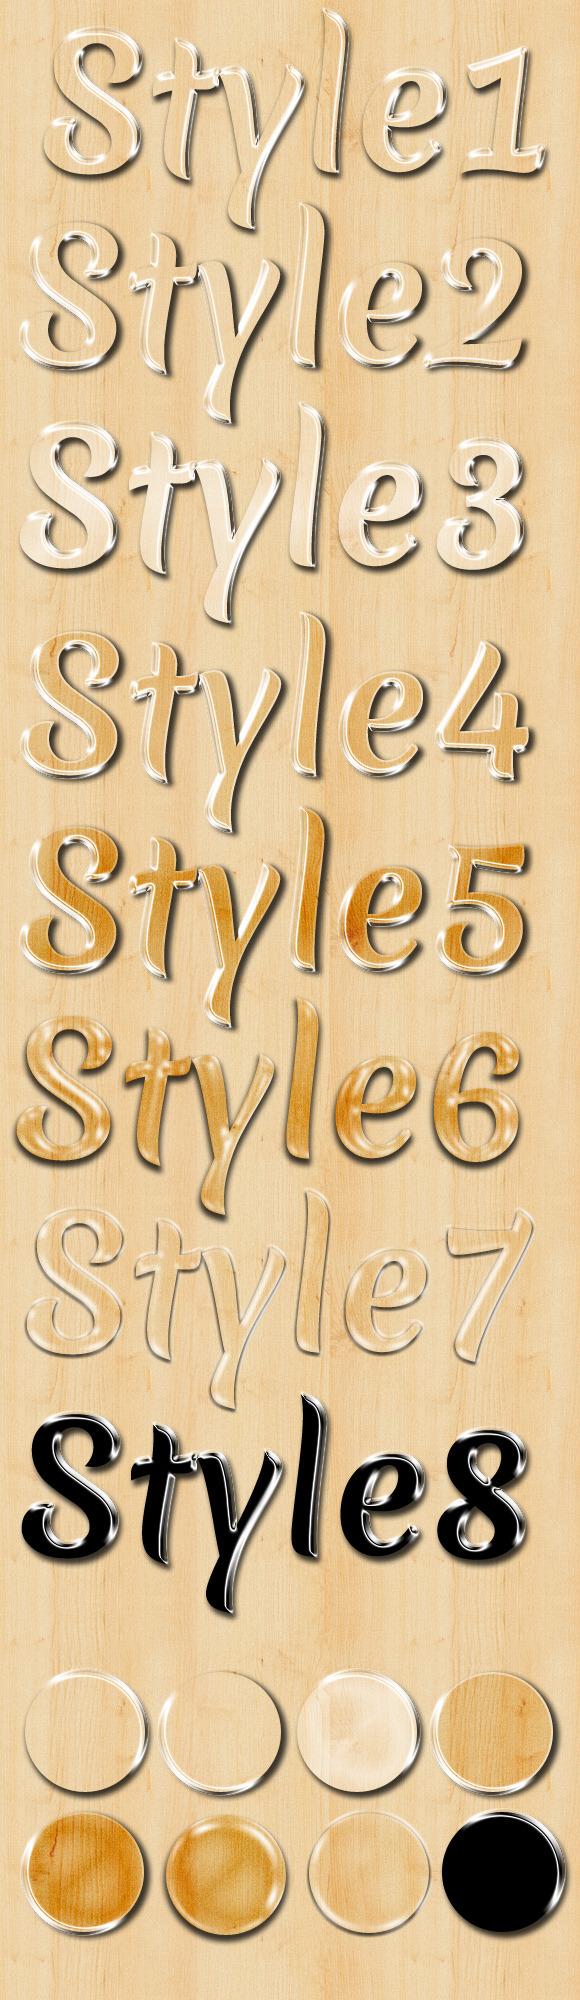 8 Glassy Styles